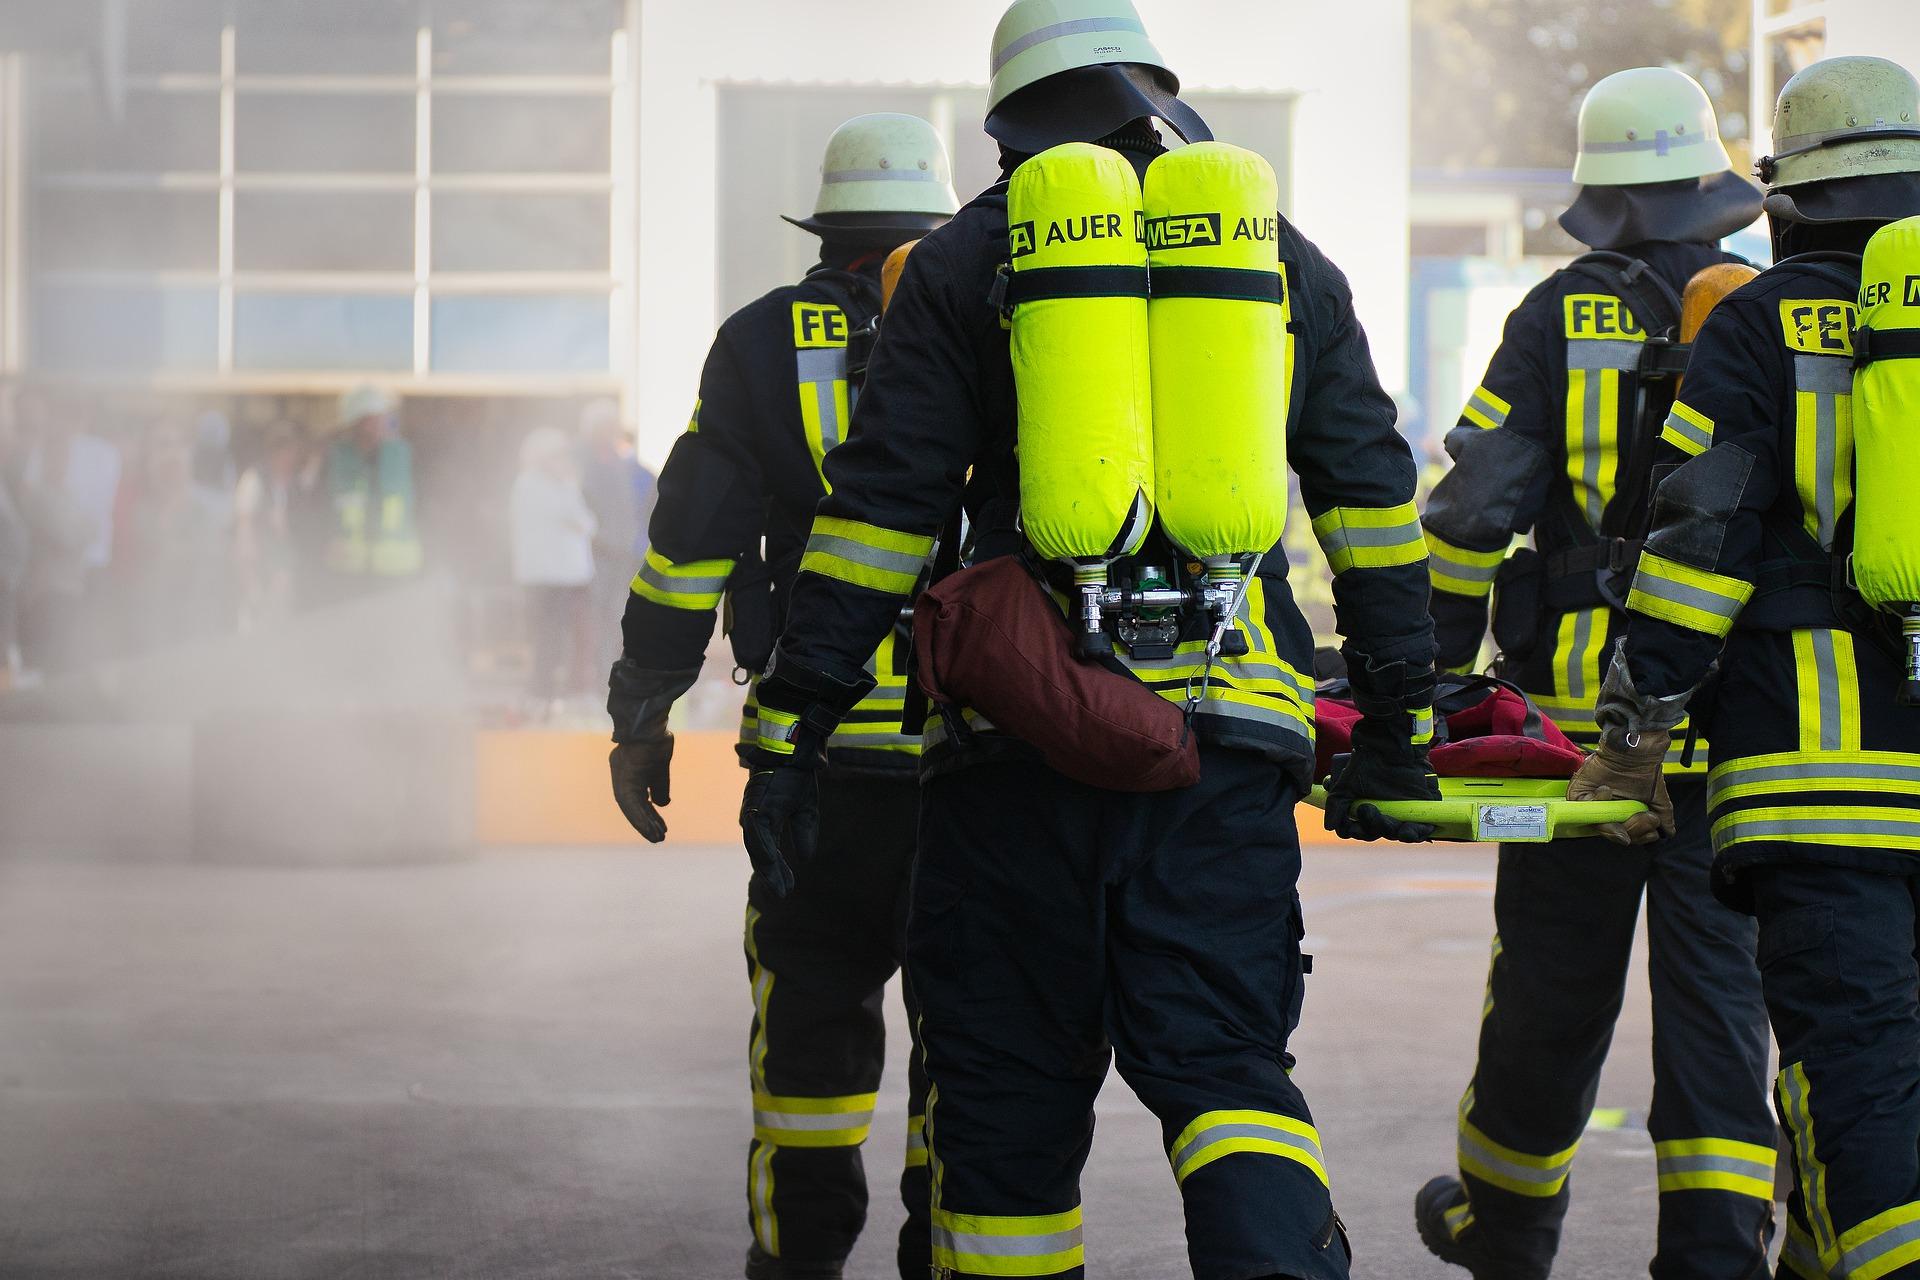 Rischio incendio ed esplosione in edilizia: le linee guida sulla prevenzione